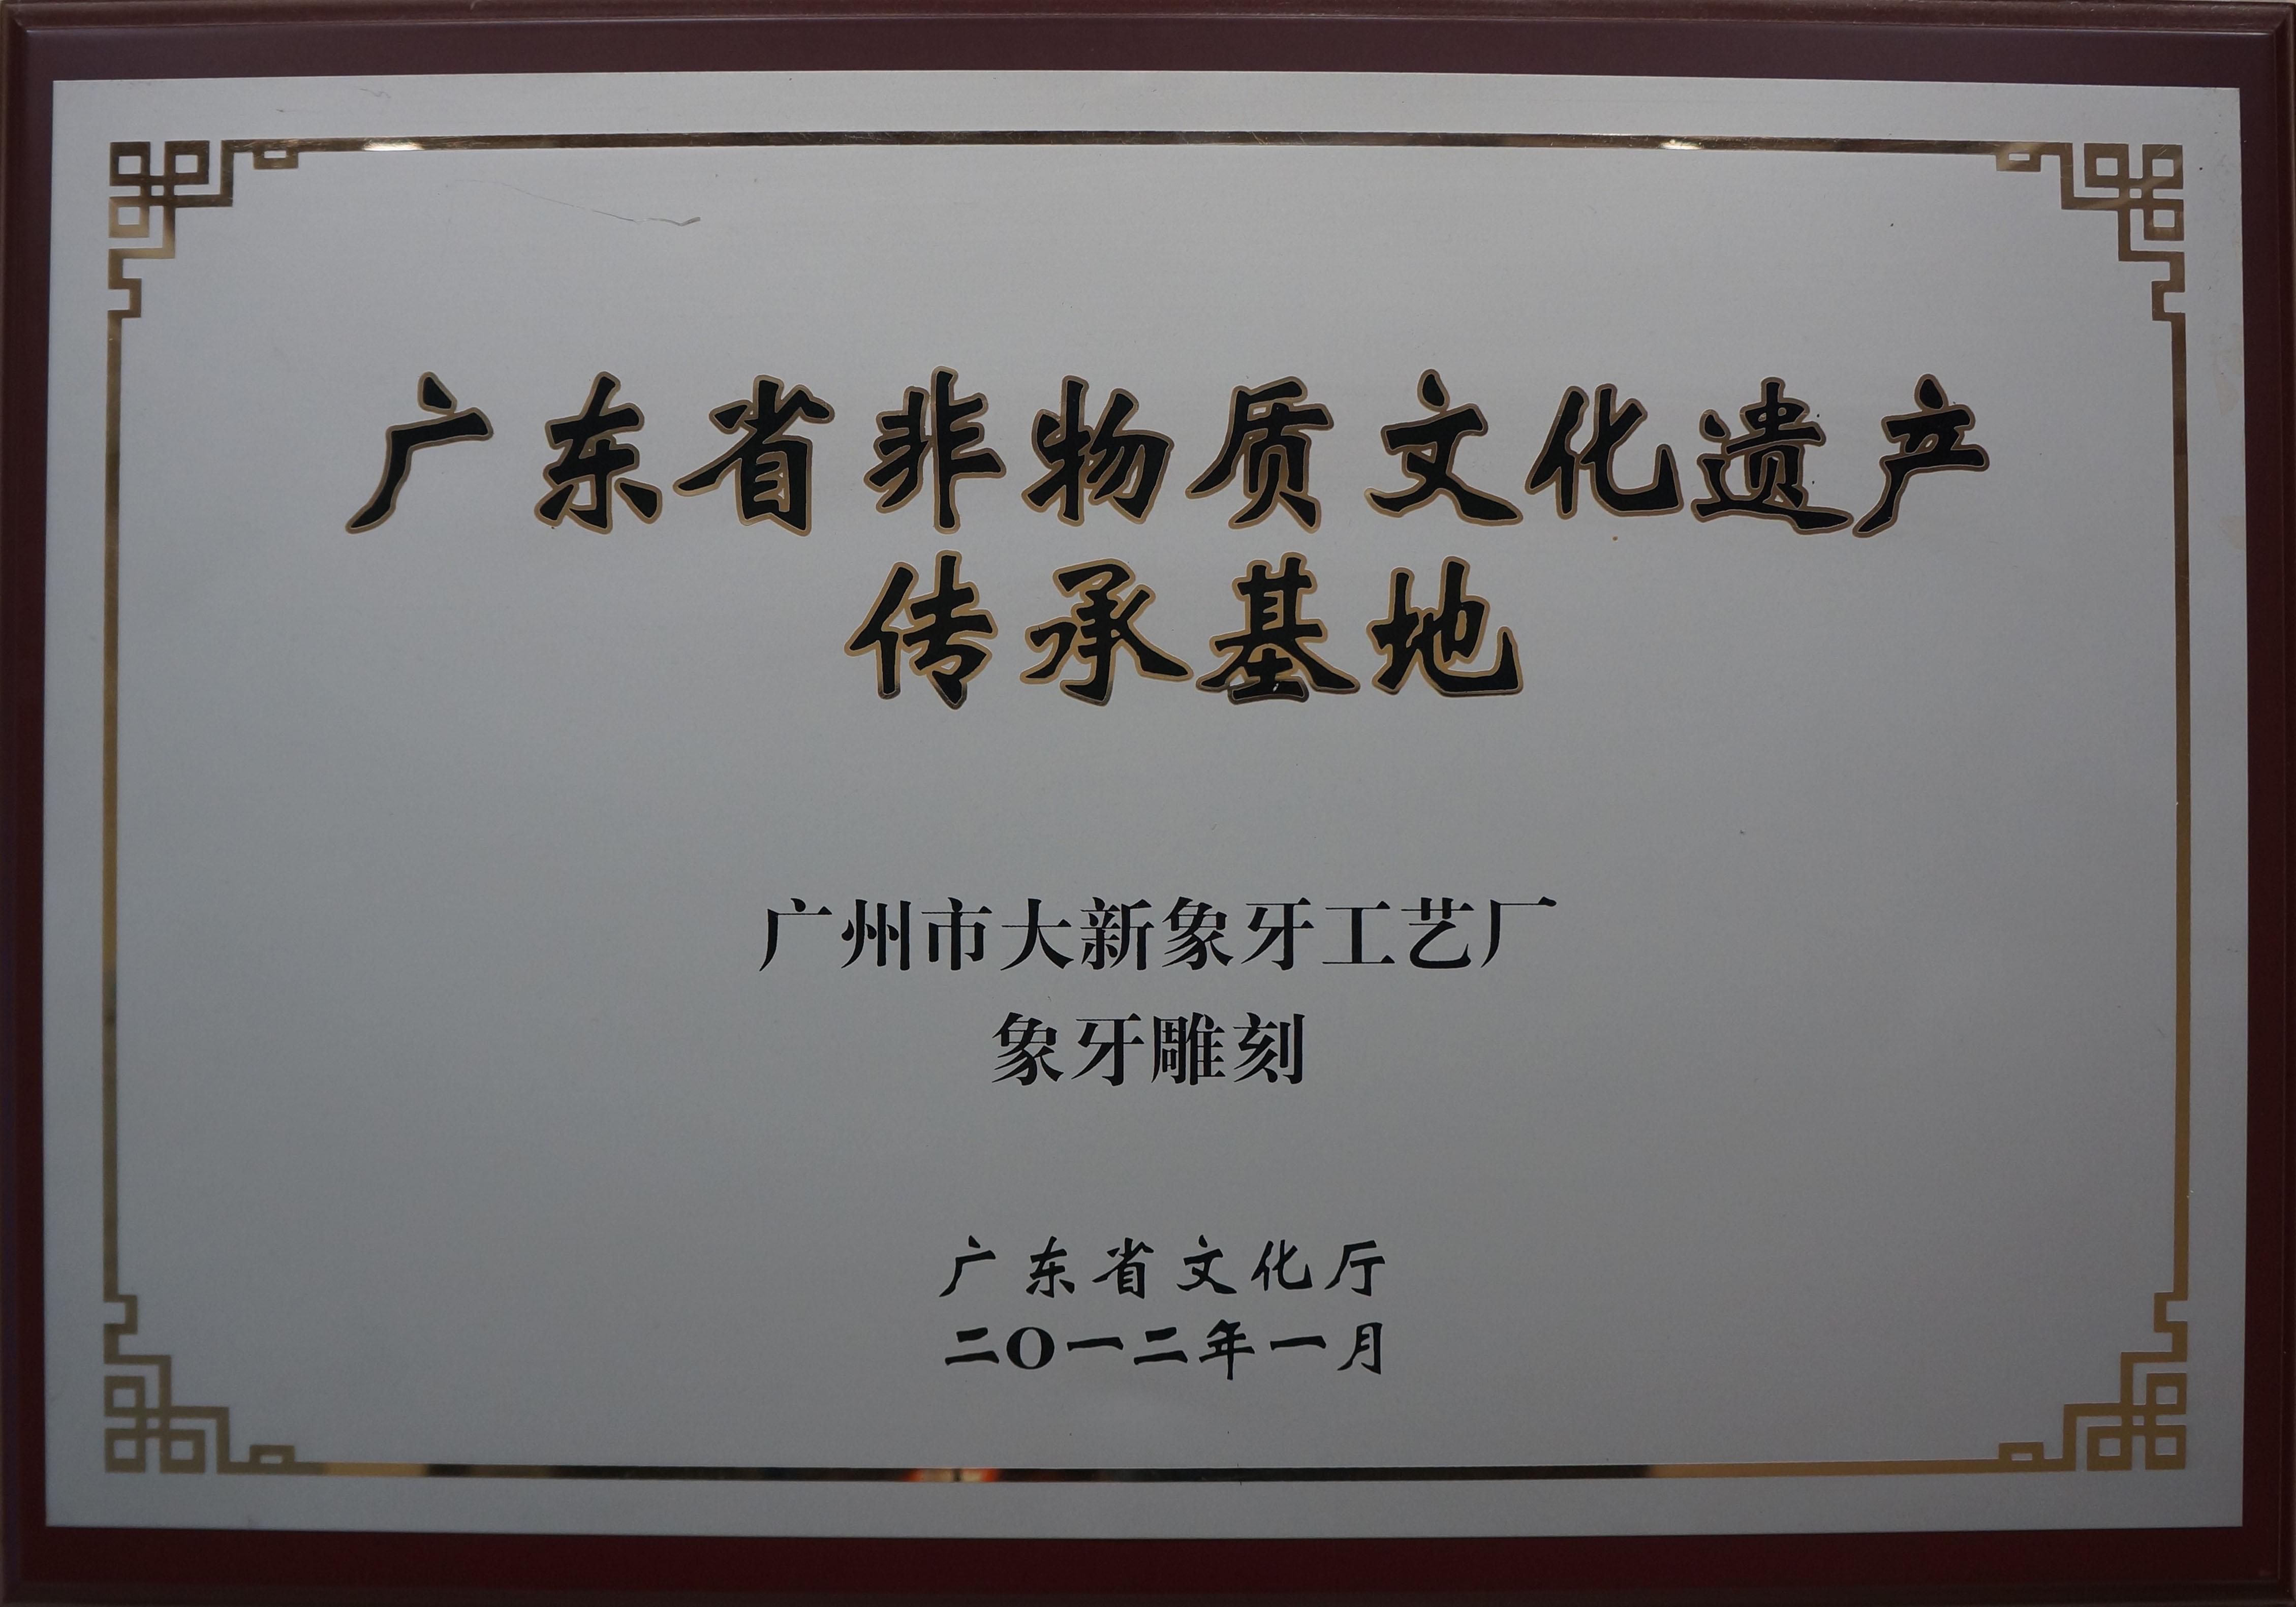 第一福發展歷程用圖片-2012年廣東省非物質文化遺產傳承基地2